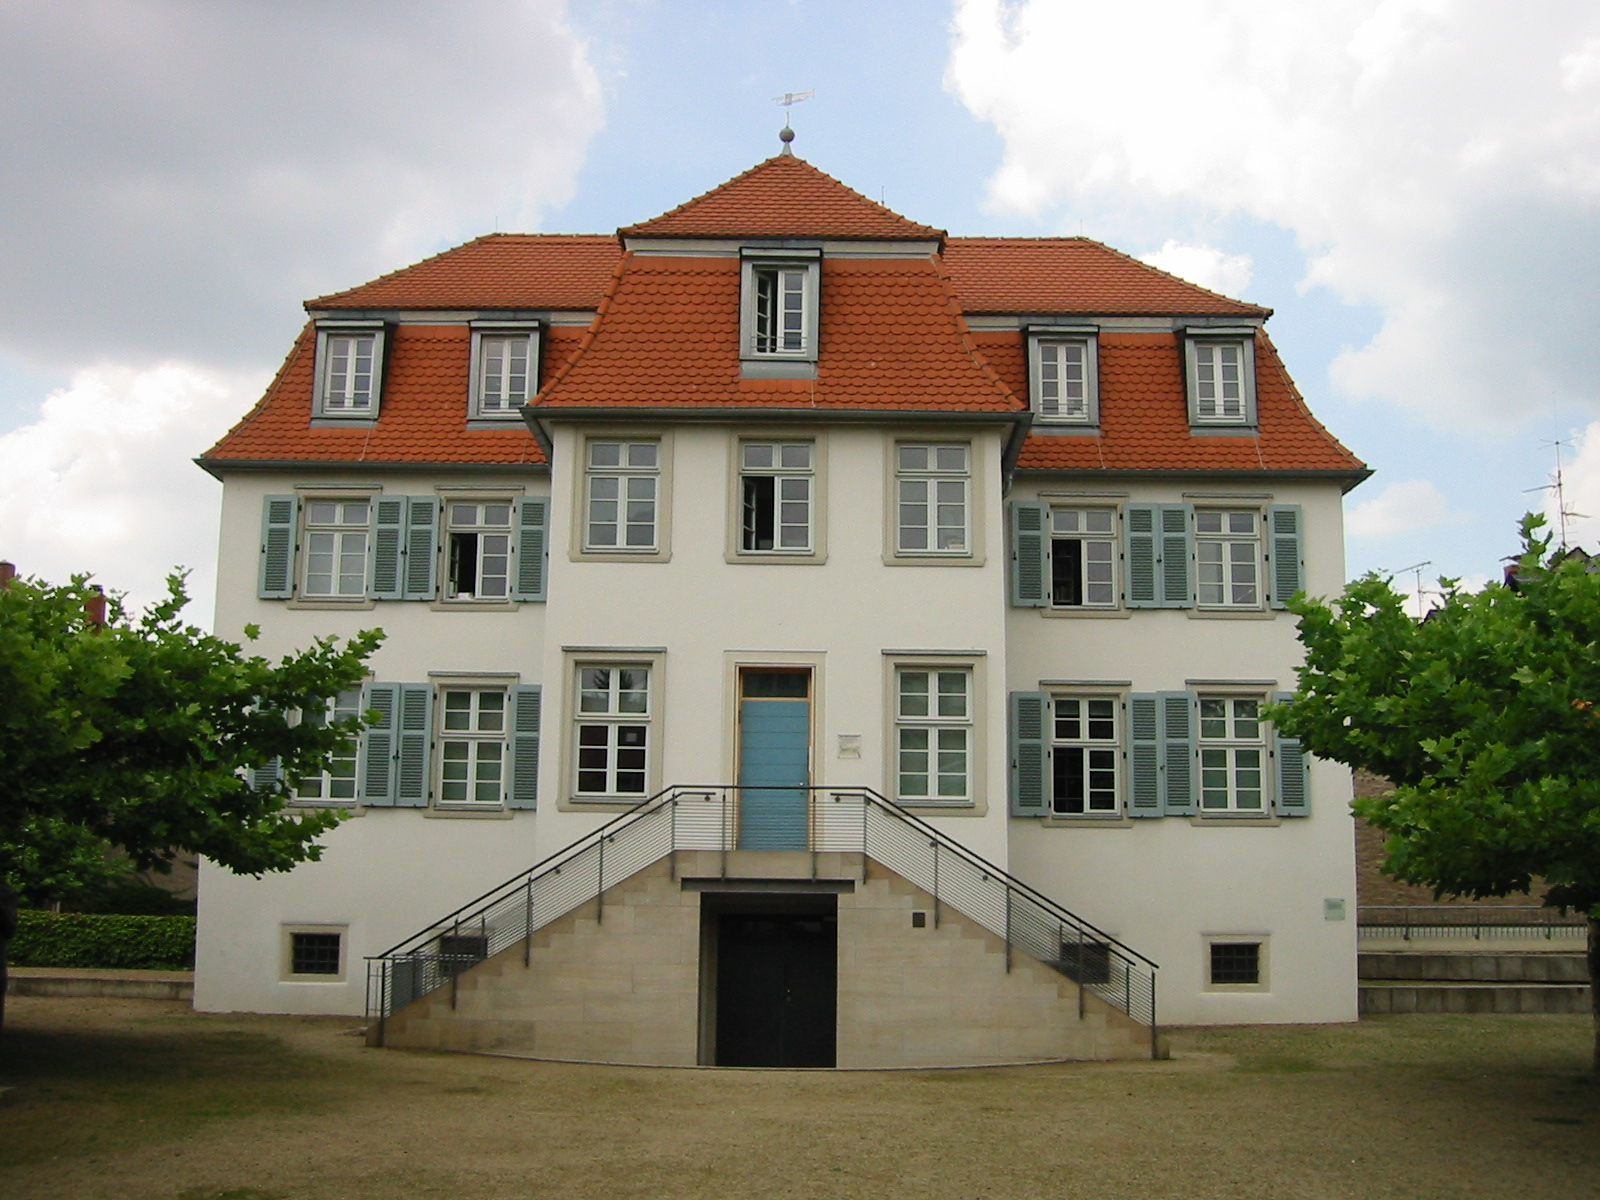 Jazzinstitut Darmstadt(达姆施塔特爵士研究所)